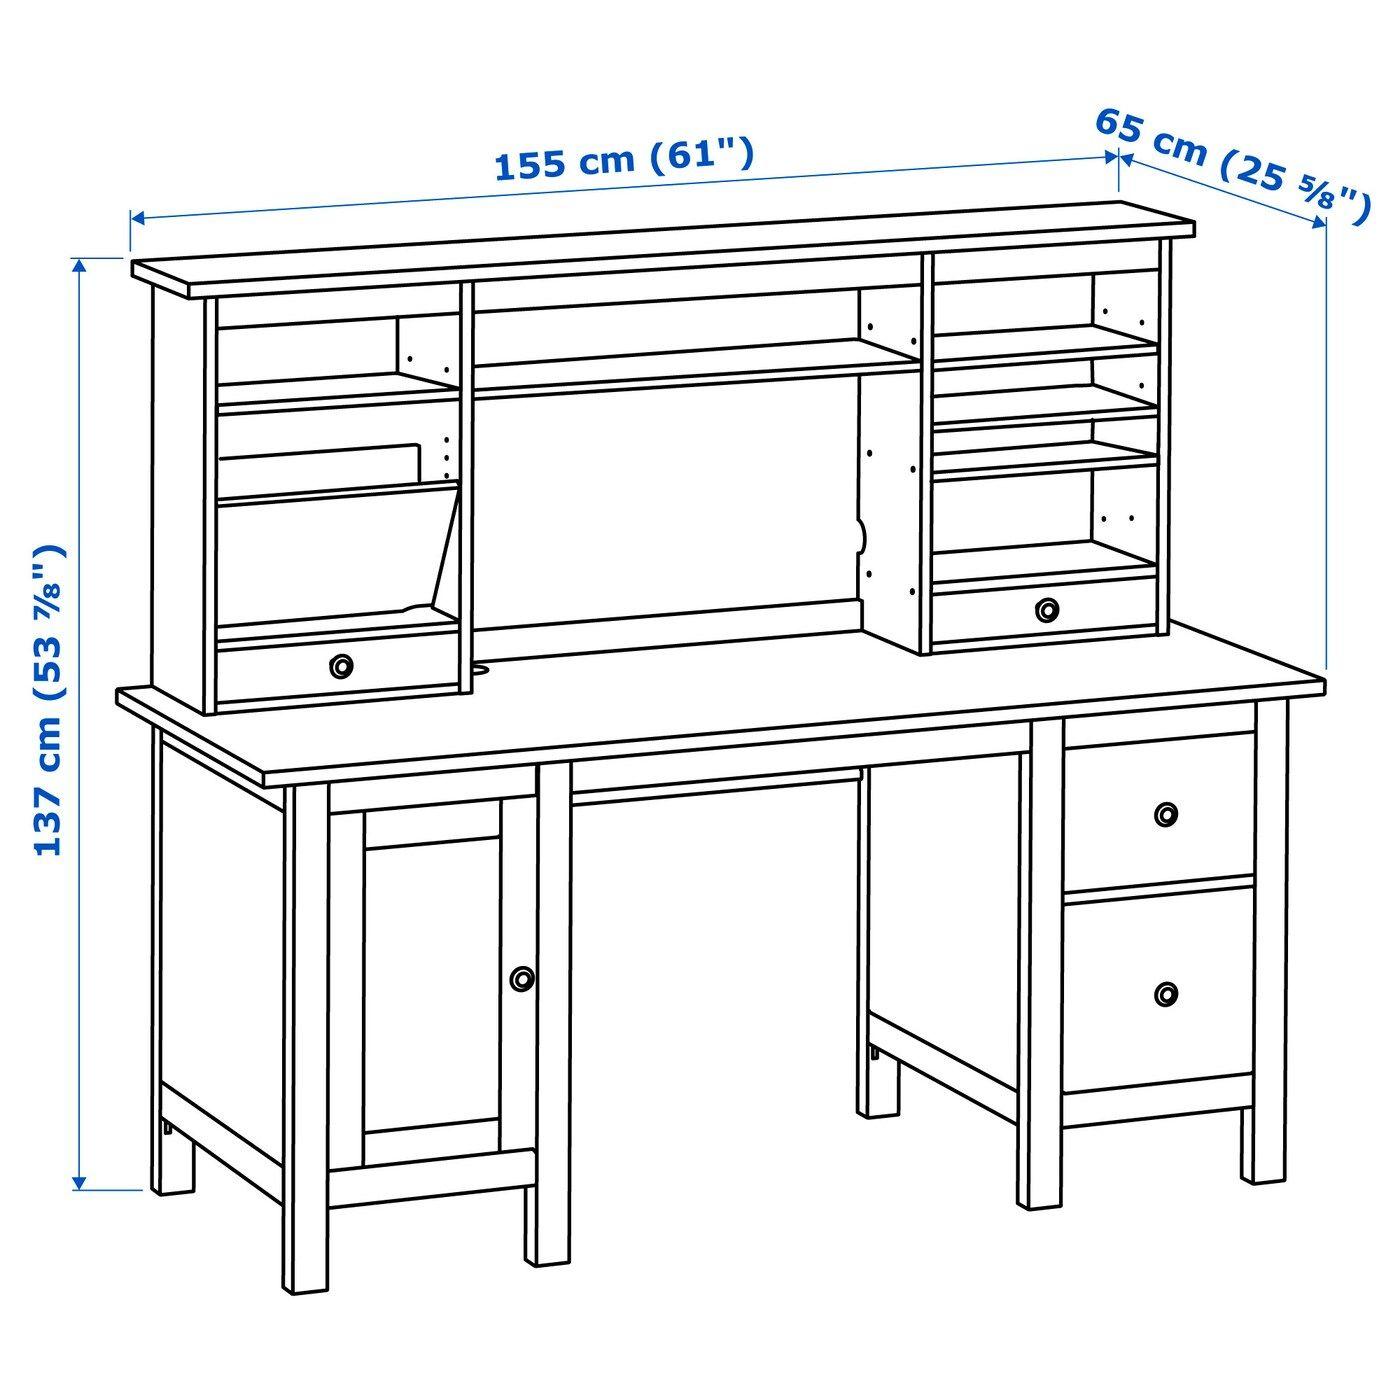 Hemnes Schreibtisch Mit Aufsatz Hellbraun Ikea Osterreich Hemnes Ikea Hemnes Ikea Wood